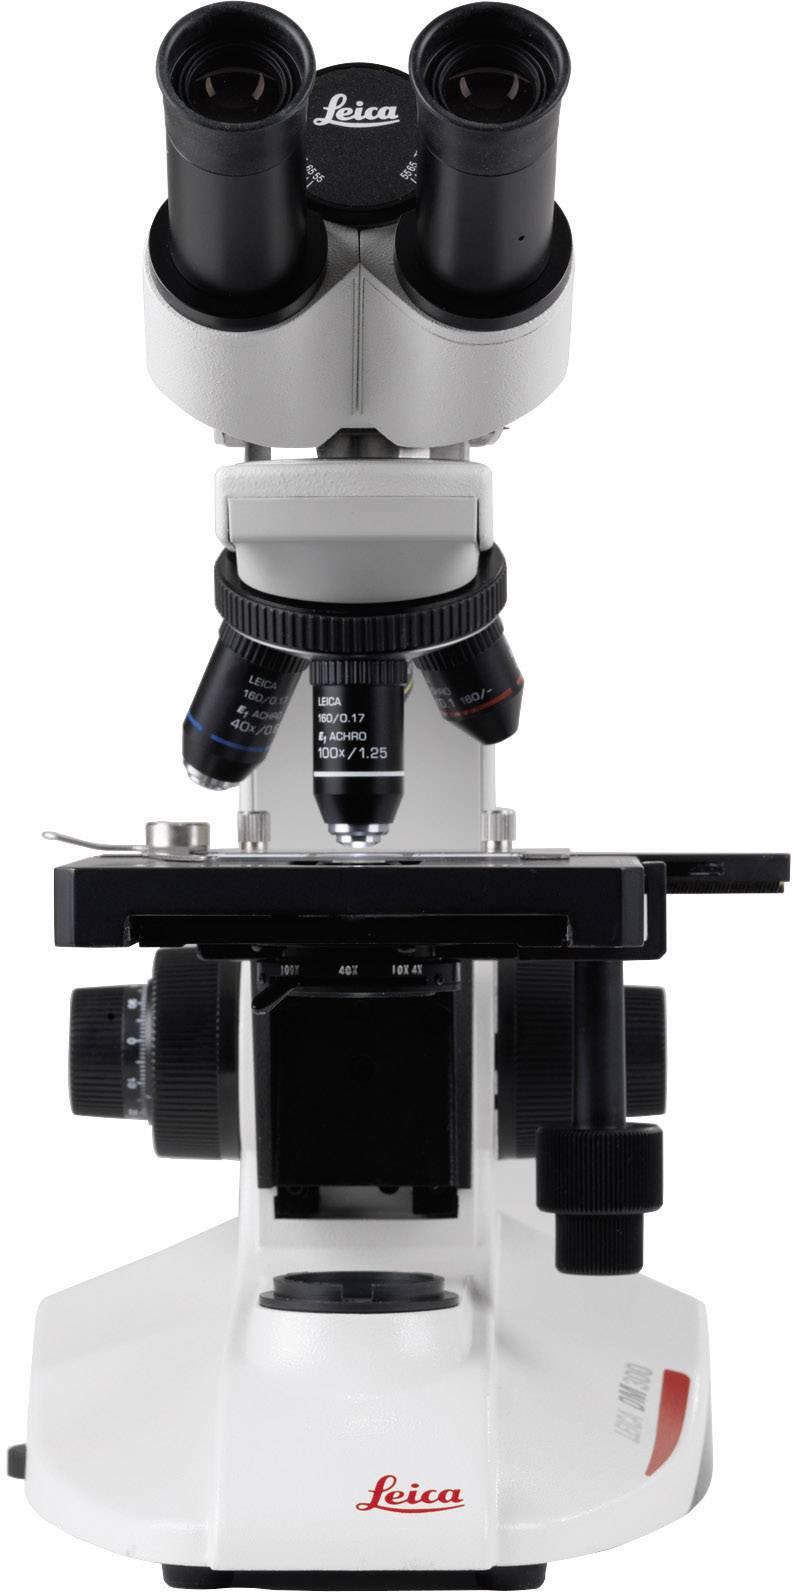 Mikroskop Leica Microsystems DM300, binokulárny, 4x, 10x, 40x, 100x, 13613304